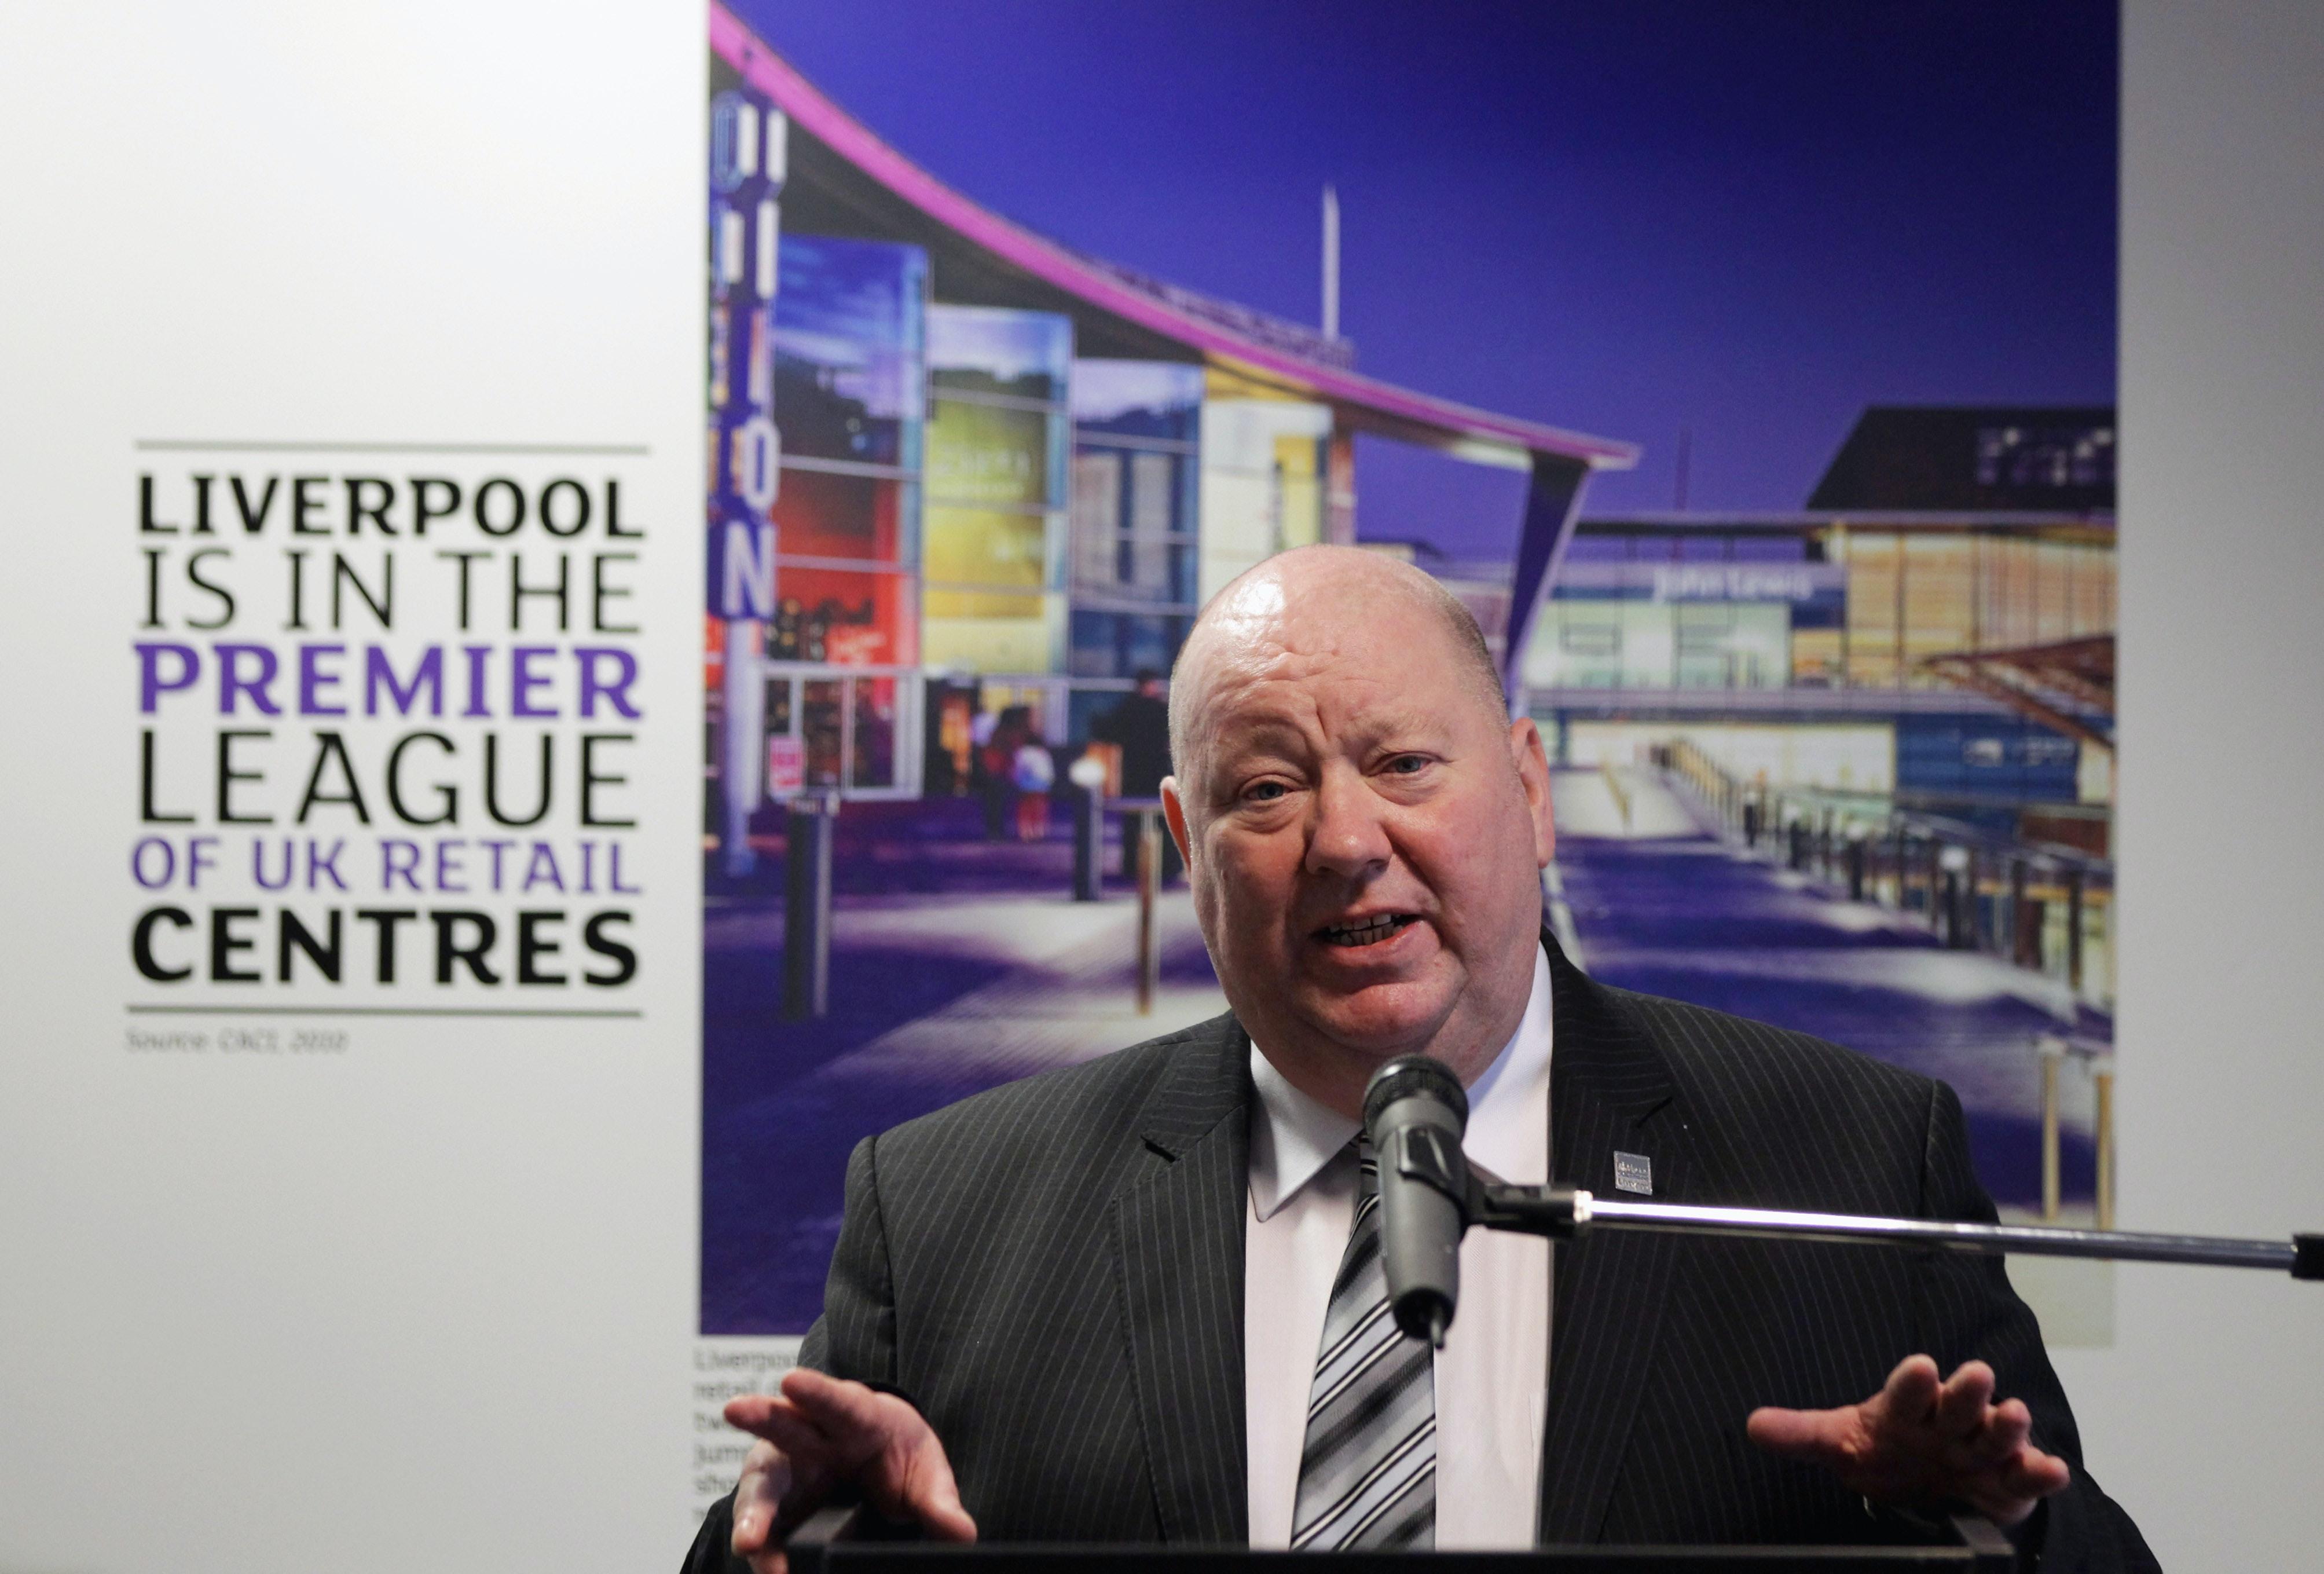 Byrådslederen er imot klubbens merkevareplaner